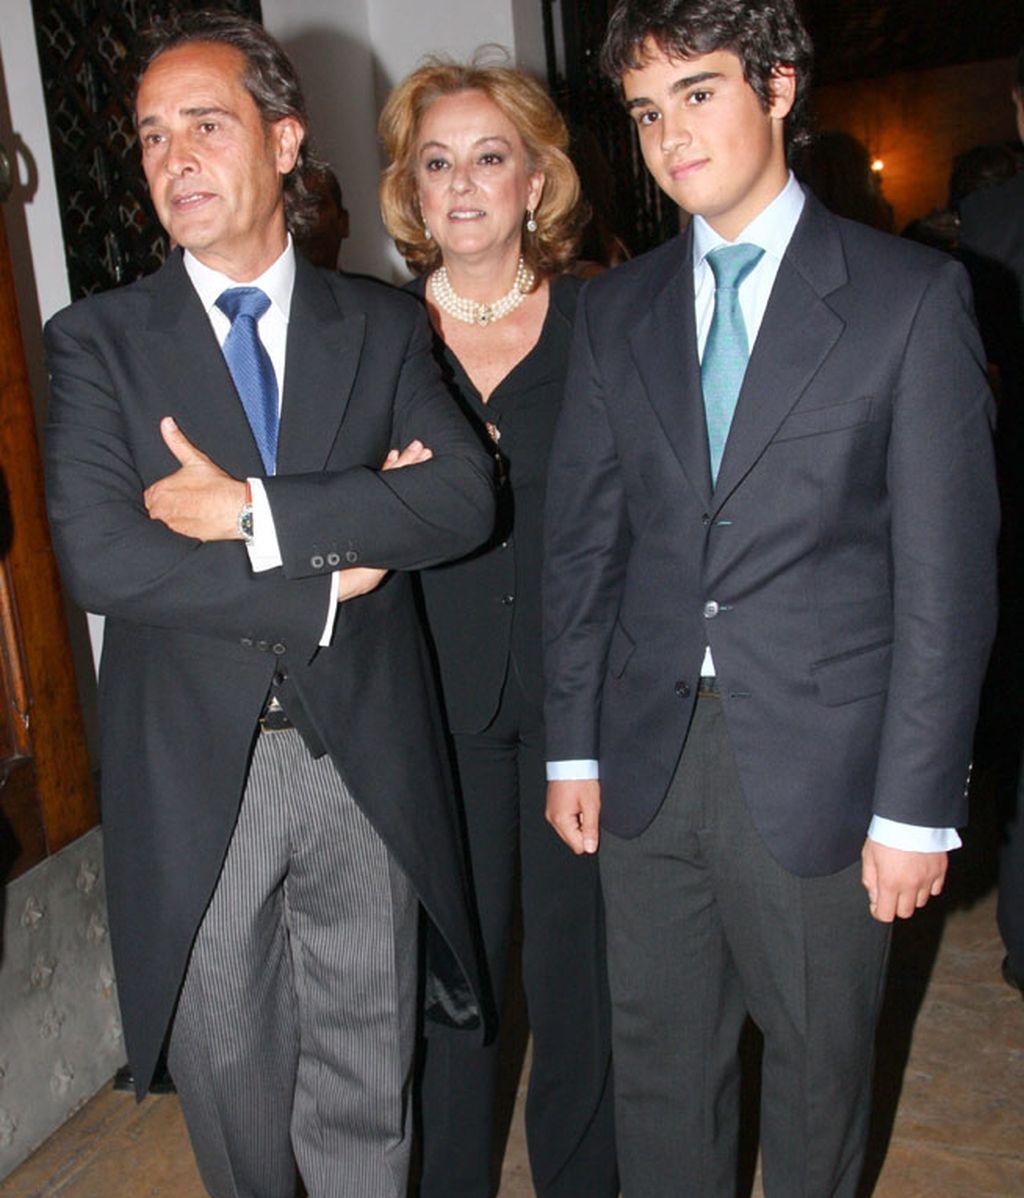 La boda del hijo de Carmen Tello